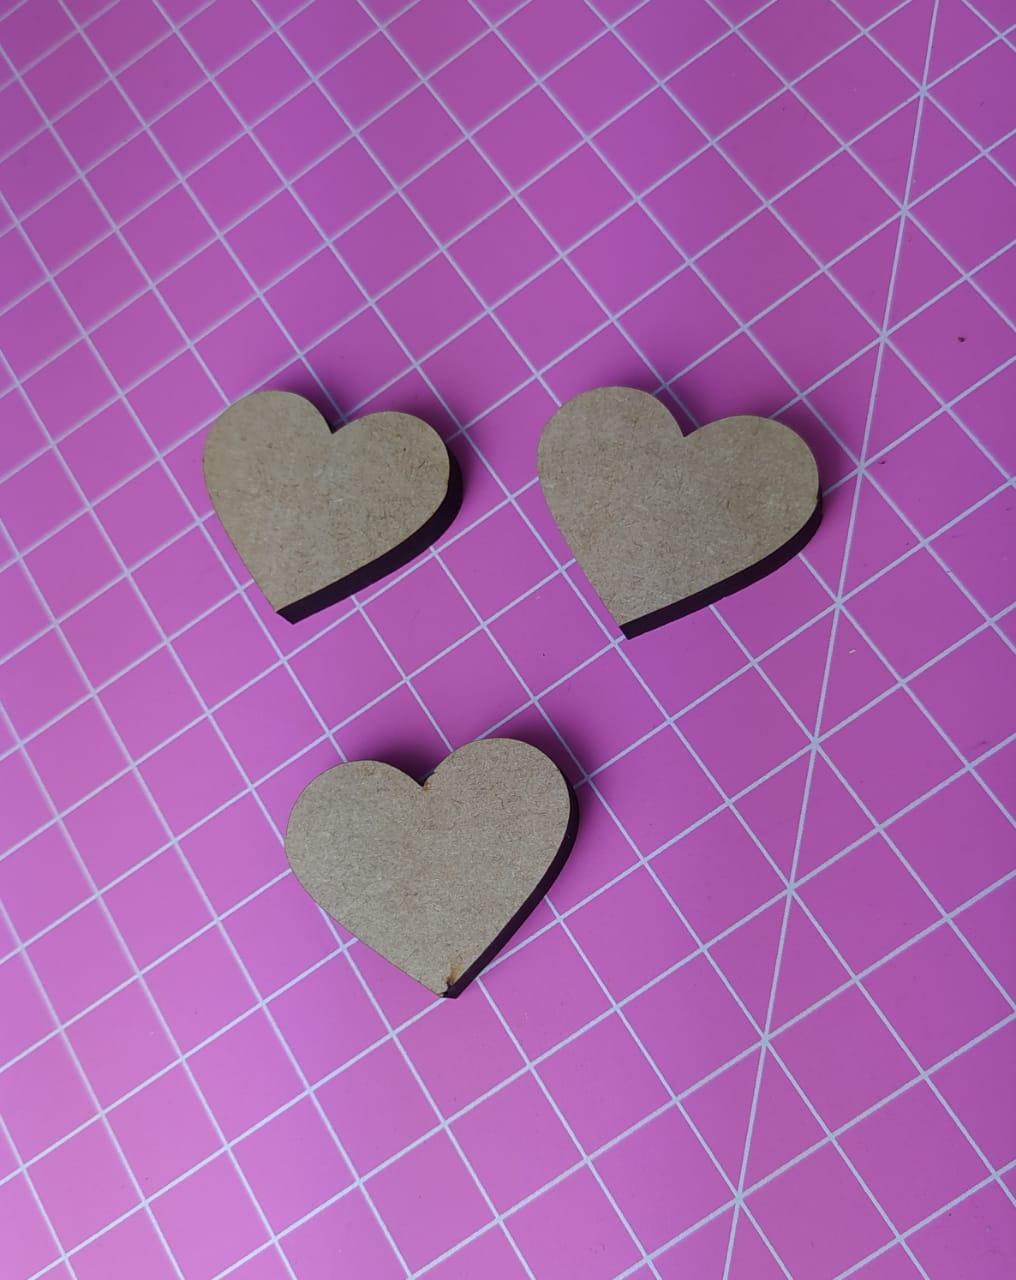 Aplique em MDF - formato coração 3,5cm - espessura 0,5cm - c/ 3 peças